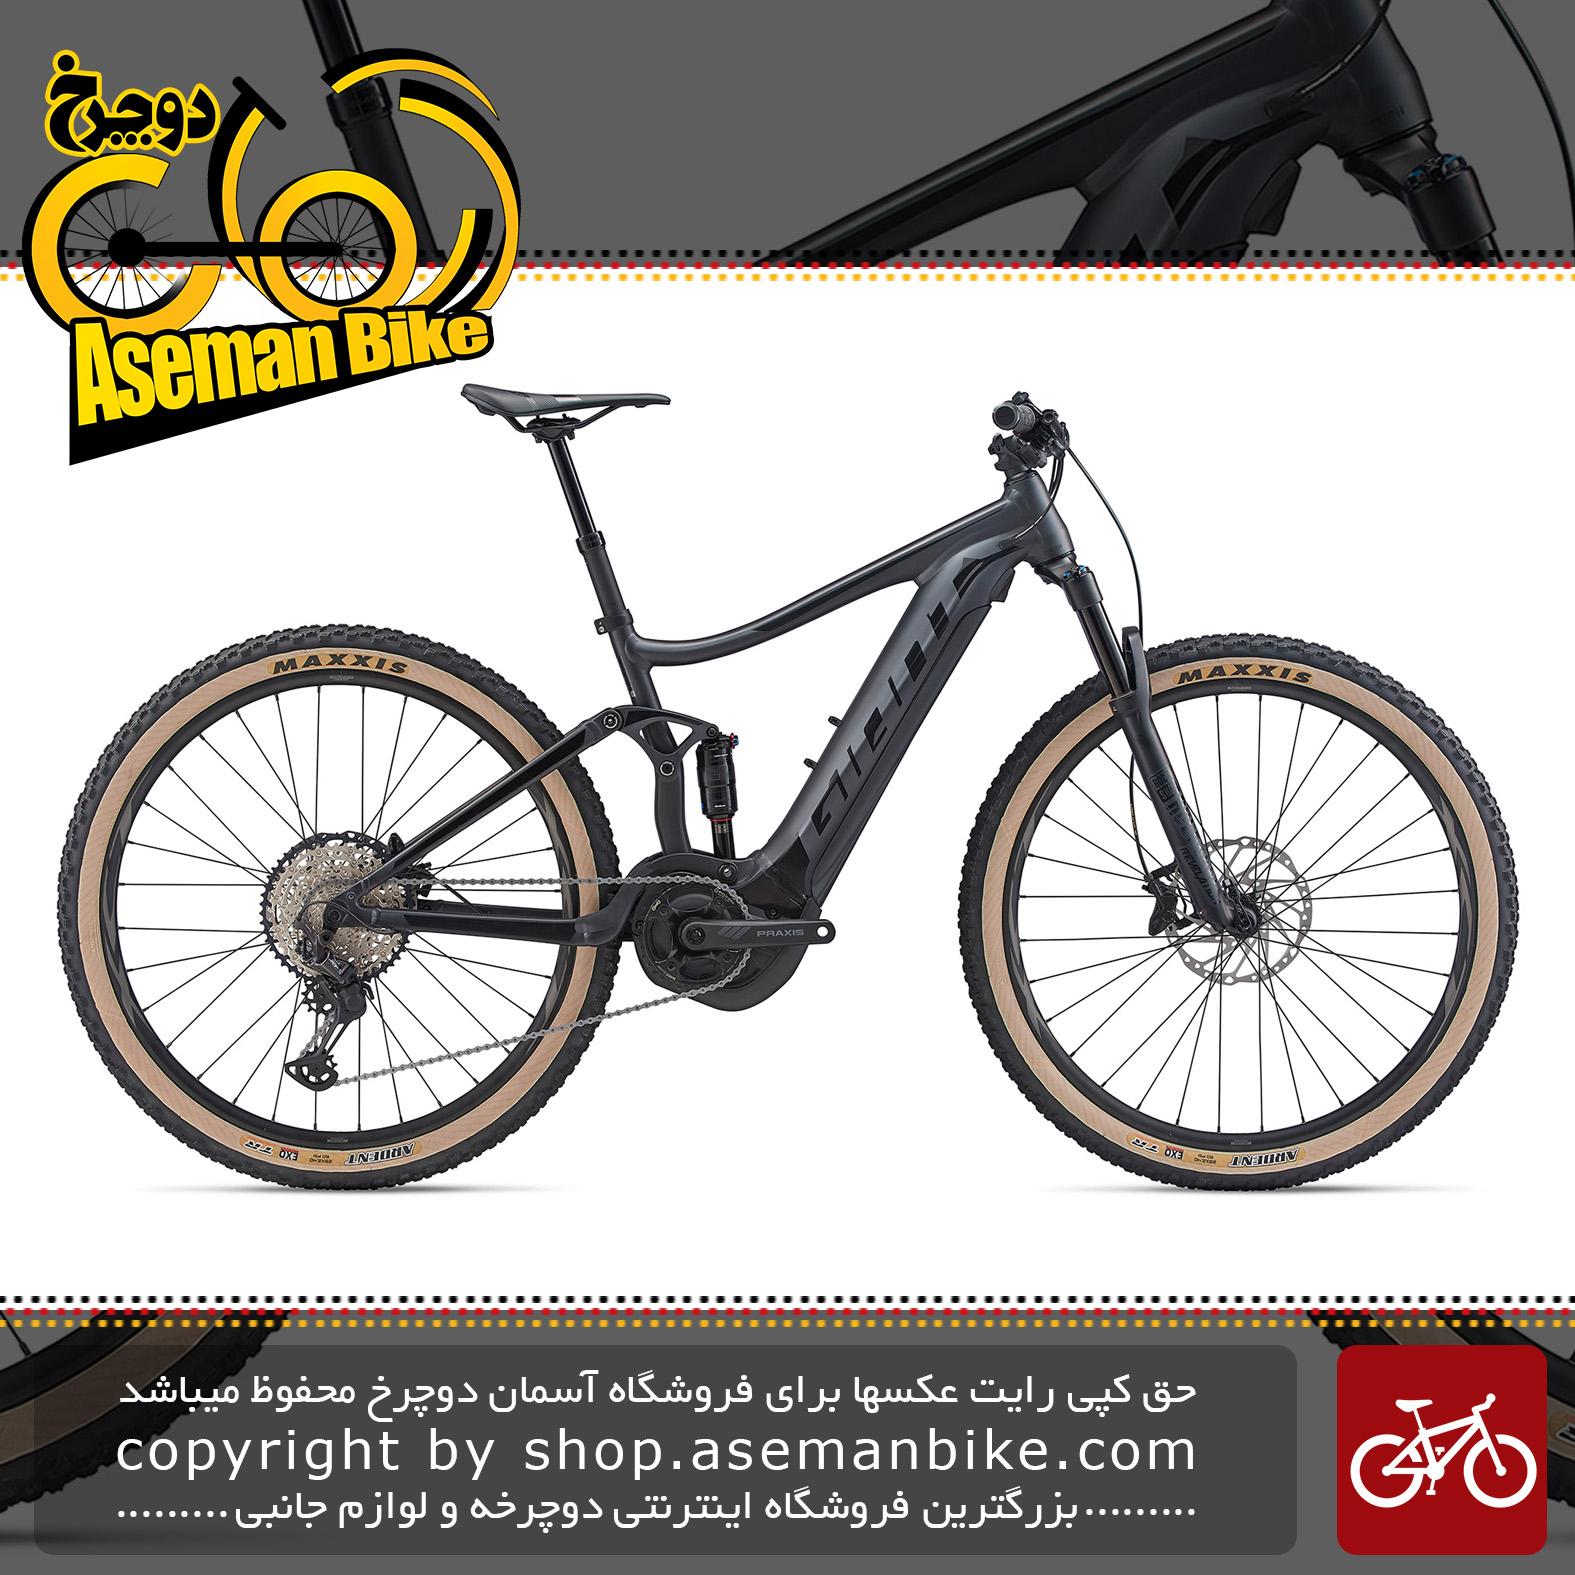 دوچرخه کوهستان برقی جاینت مدل استنس ای پلاس 0 پرو 29 اینچ 2020 Giant Mountain Bicycle Stance E+ 0 Pro 29 2020